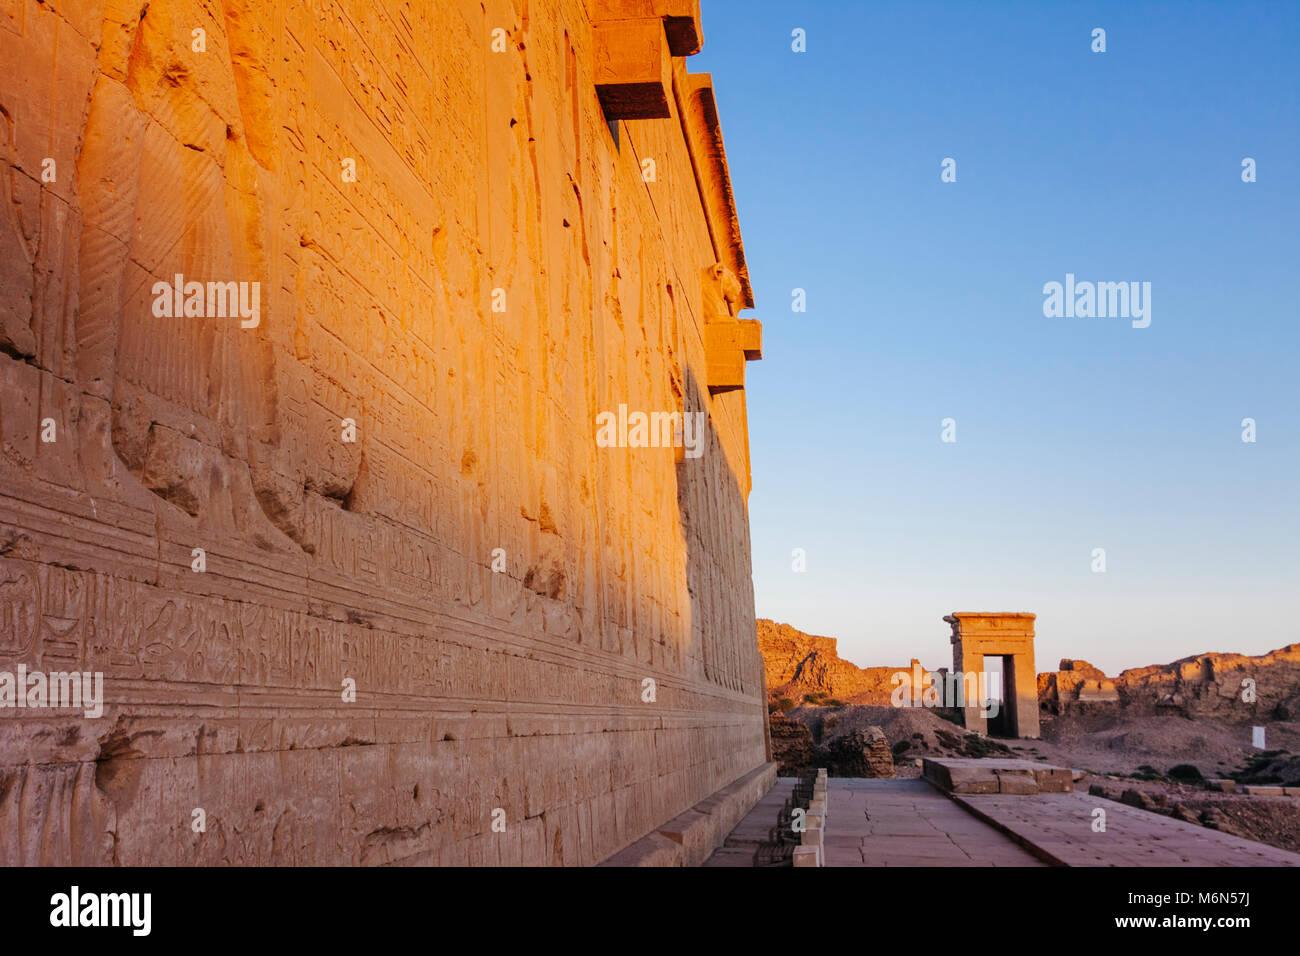 Bas-reliefs en dehors du Temple d'Hathor avec l'une des passerelles du composé en arrière-plan au coucher du soleil. Banque D'Images